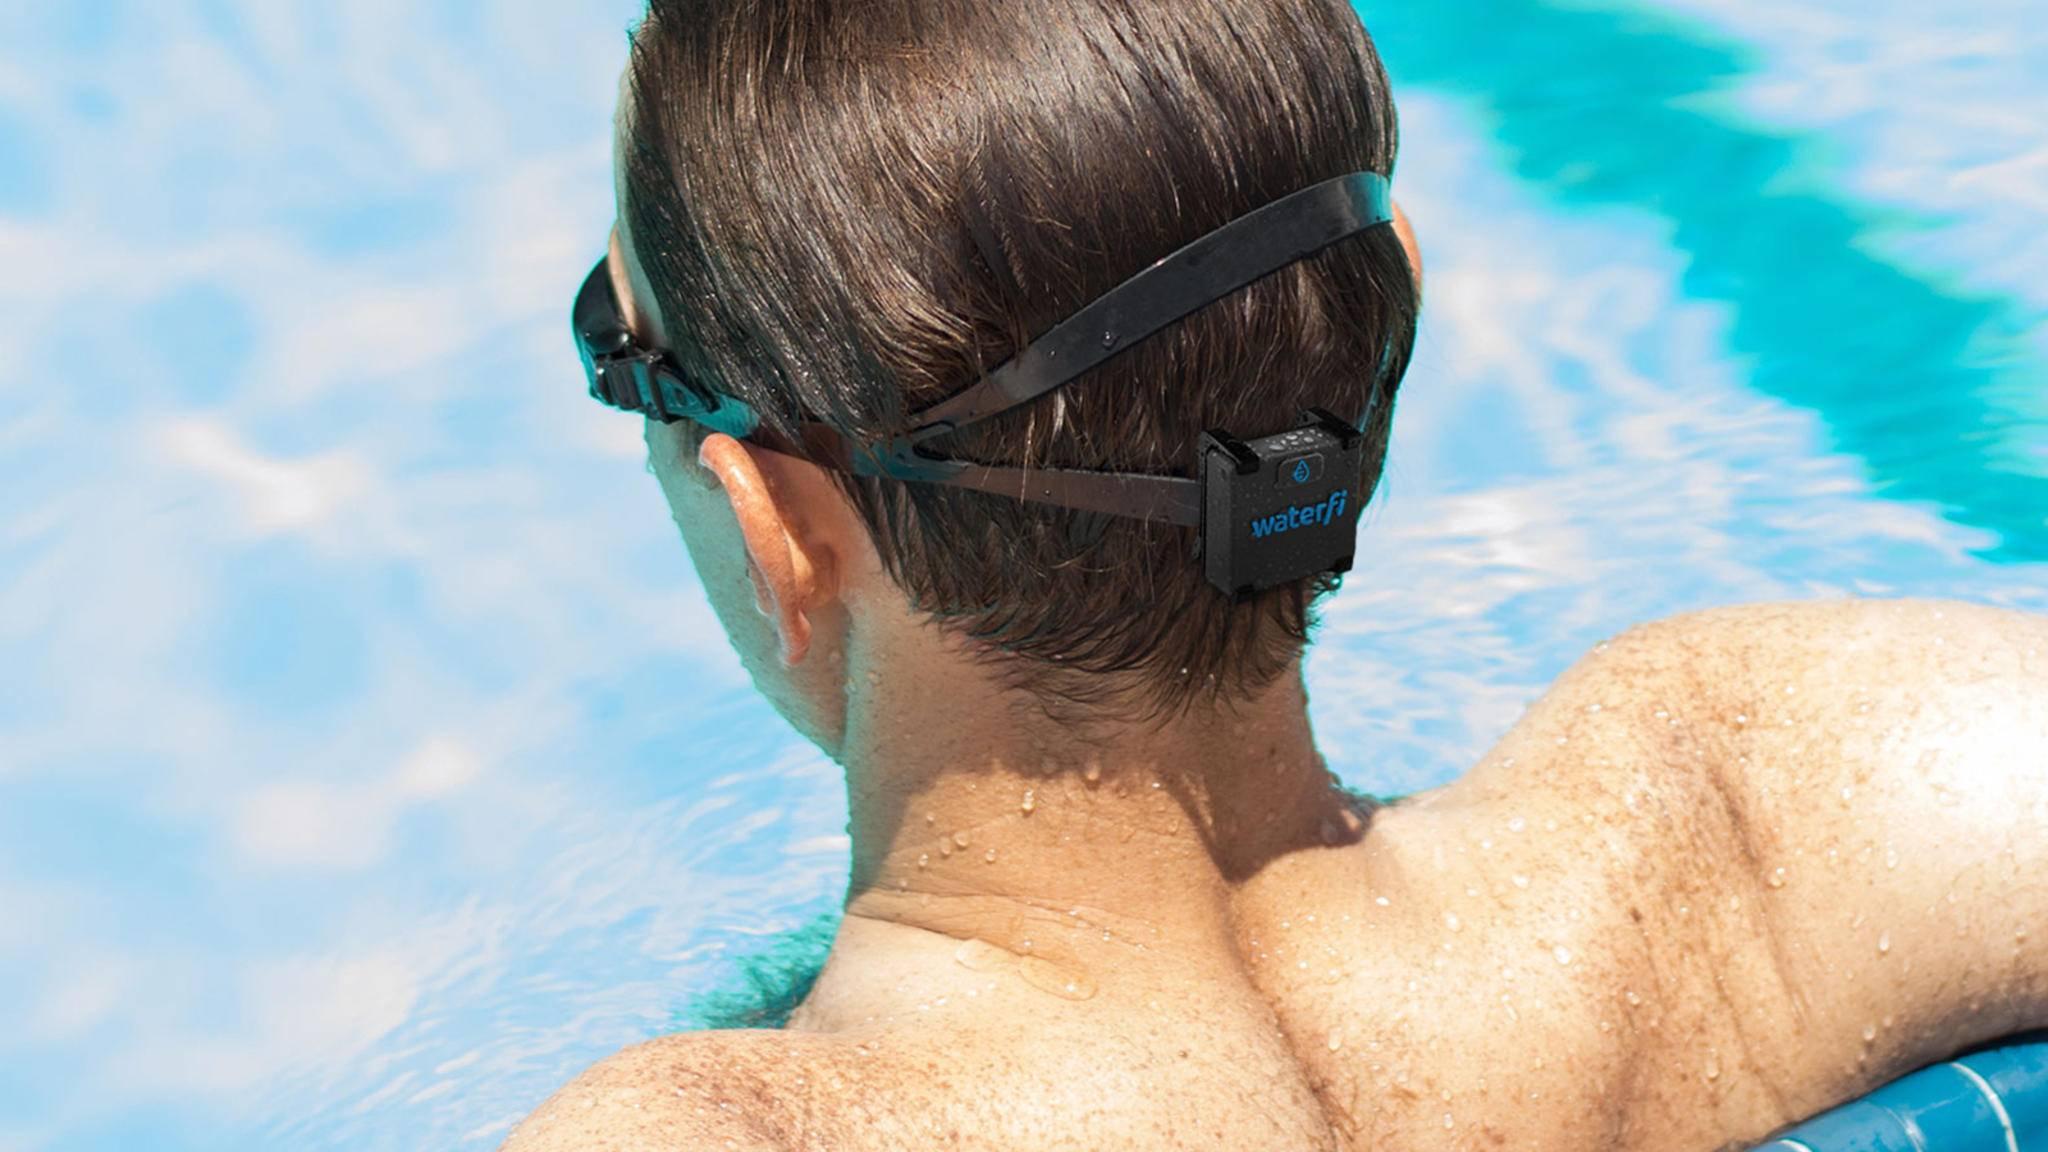 Ein kleines Gadget am Hinterkopf soll Schwimmern den Fitness-Tracker am Handgelenk ersetzen.